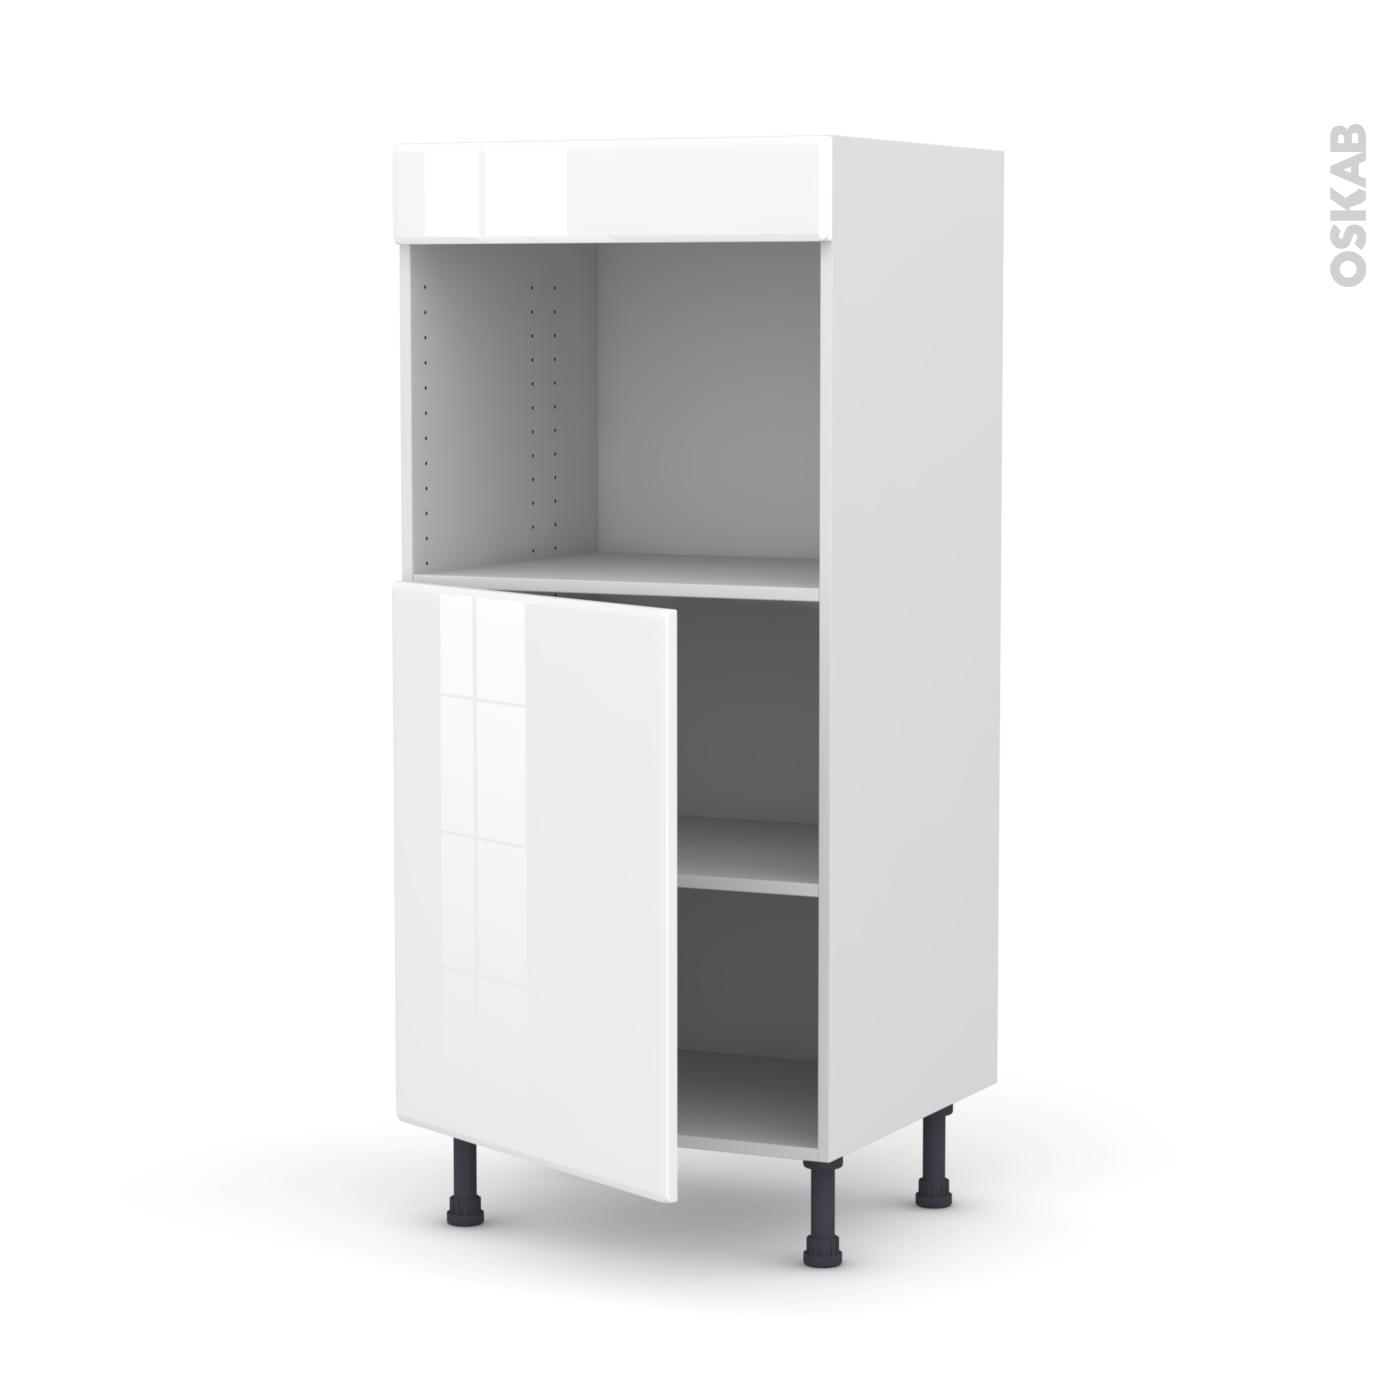 Colonne de cuisine N°144 Four encastrable niche 144 IRIS Blanc, 14 porte, L14  x H1425 x P14 cm